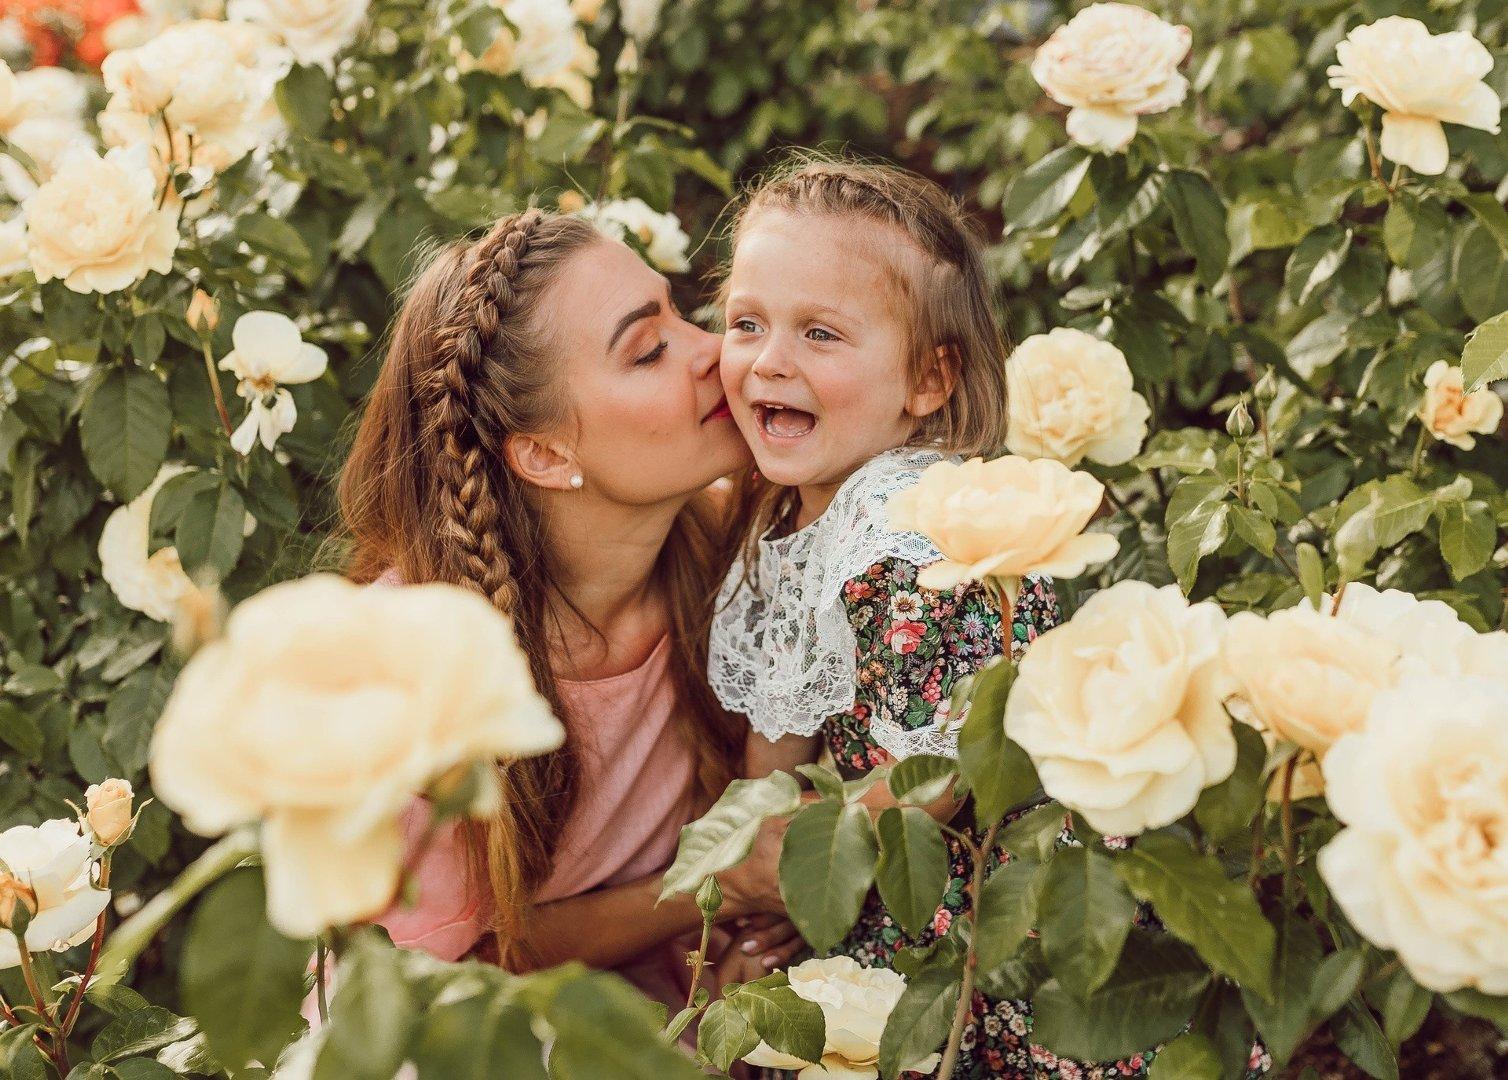 46240bc0fb Dzień Matki 2019. Gotowe życzenia na Dzień Matki. WIERSZYKI